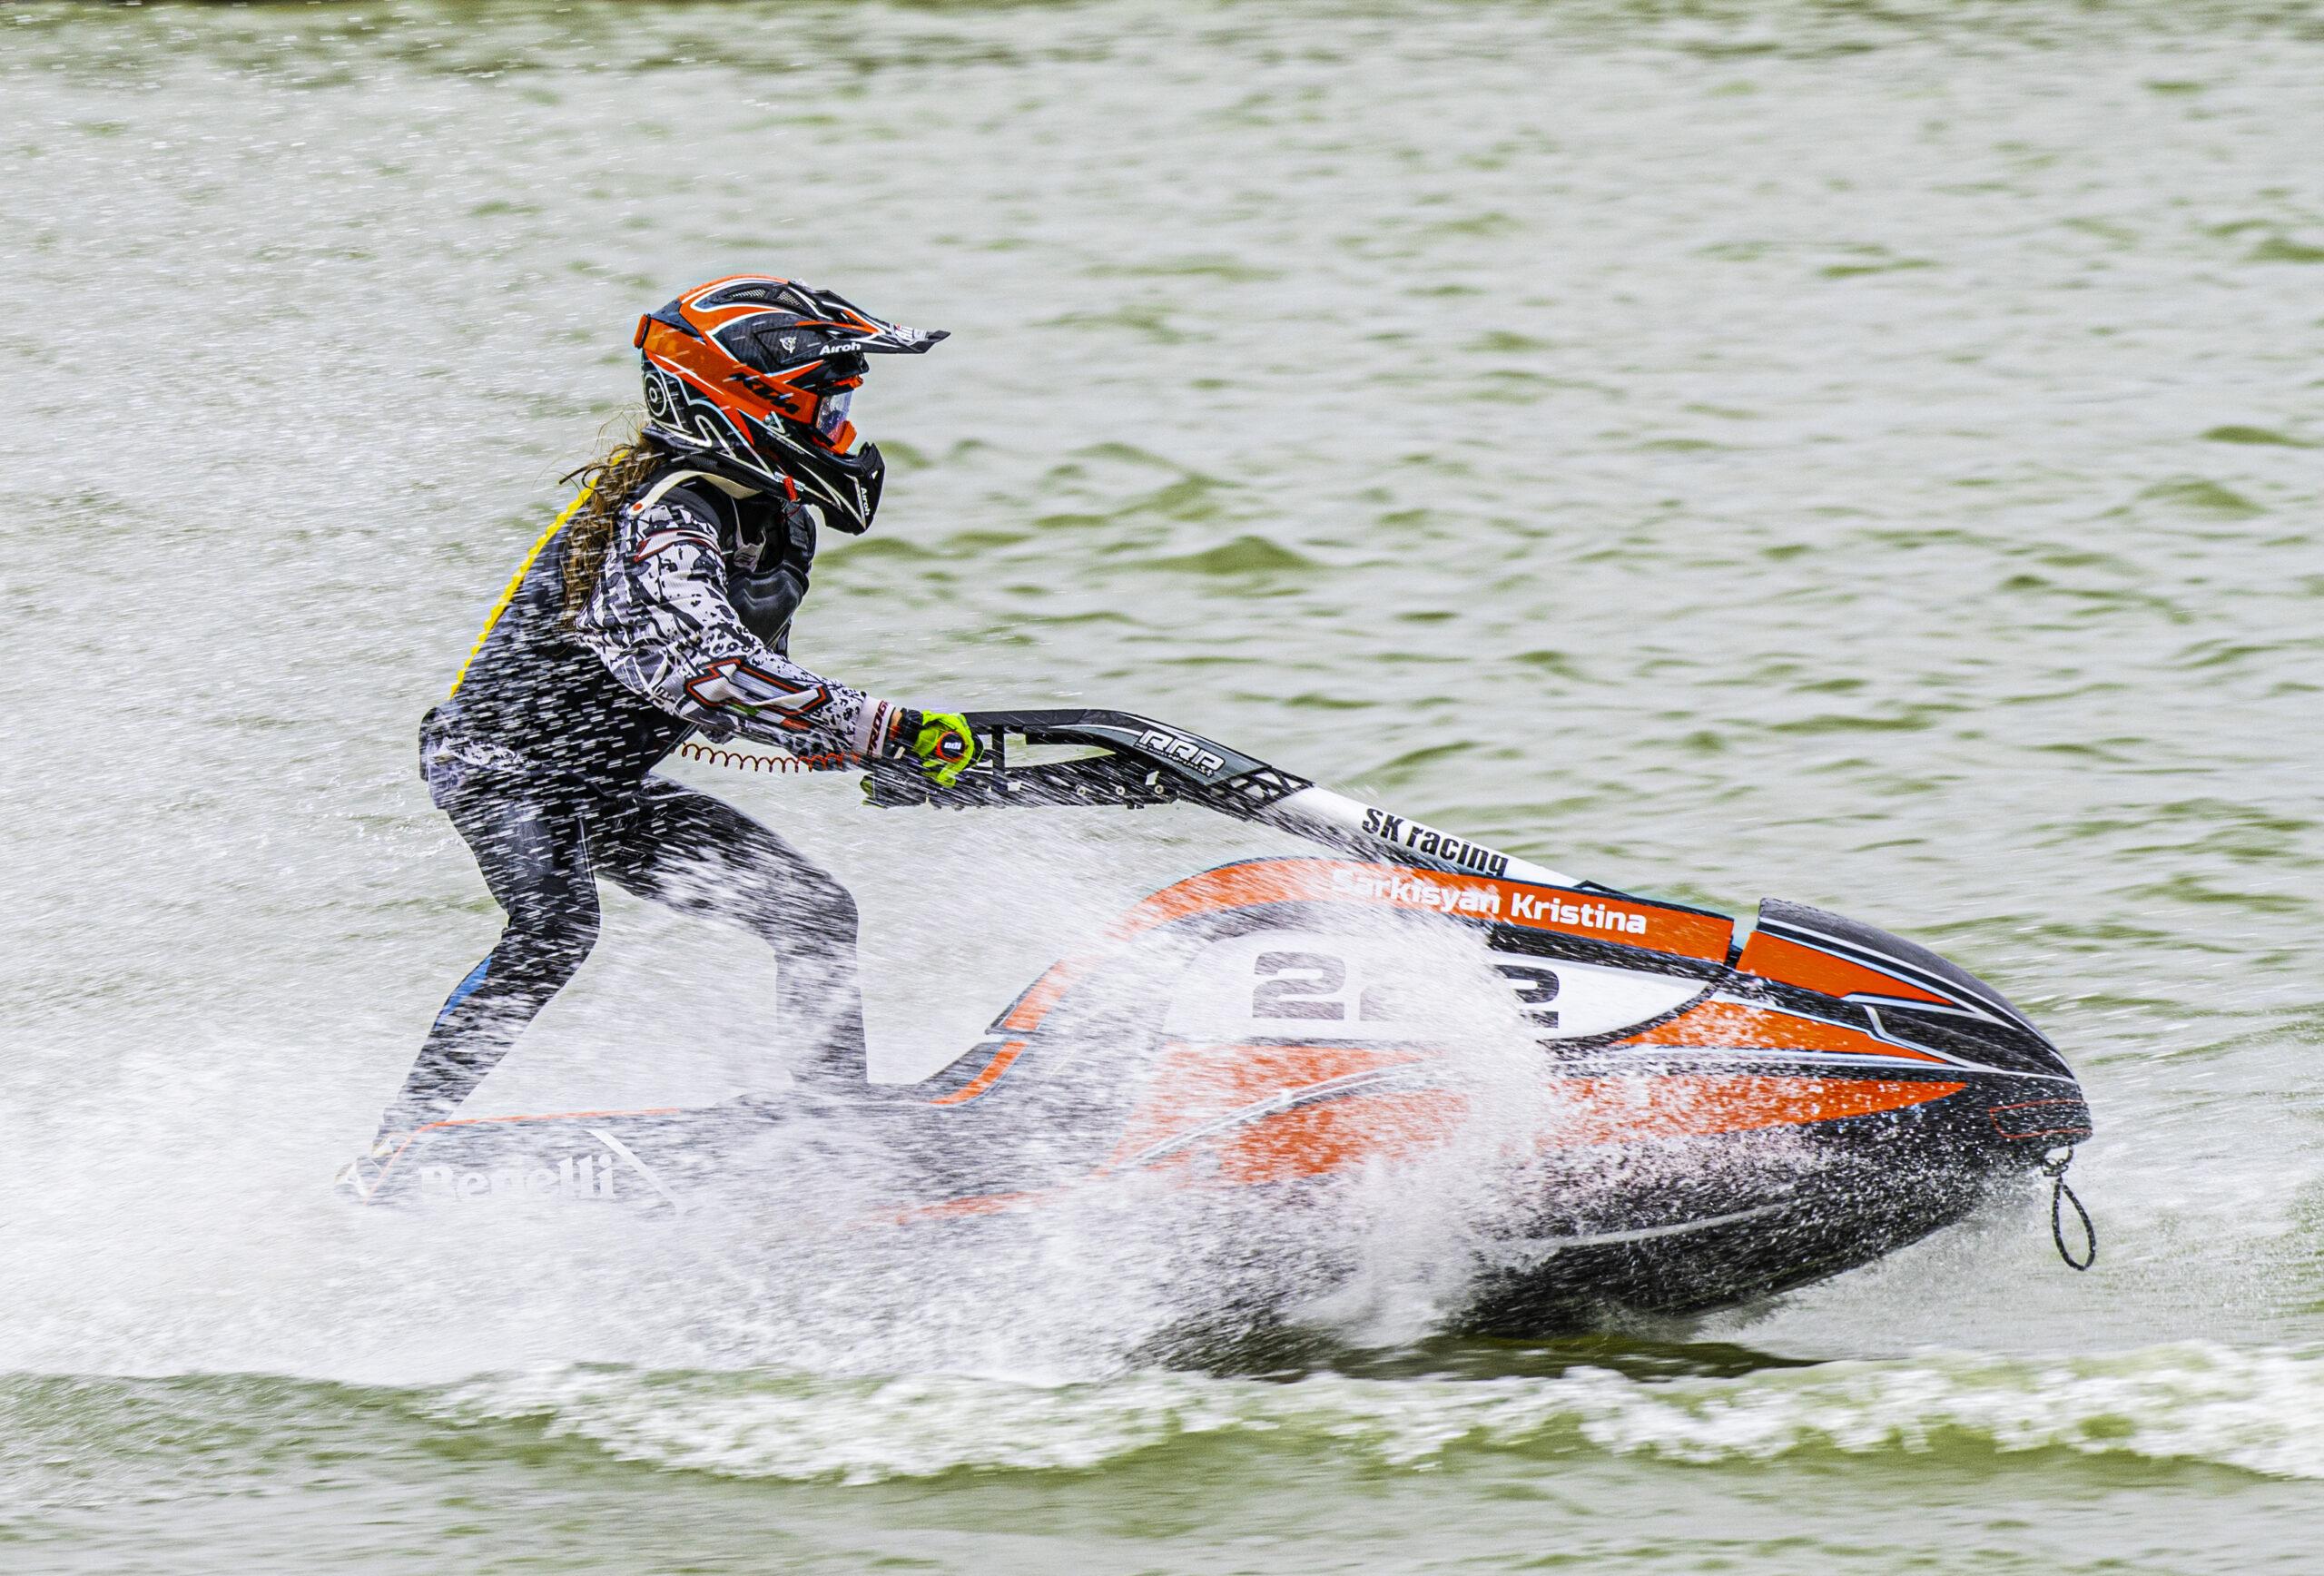 В Тверской области завершается чемпионат России по водно-моторному спорту